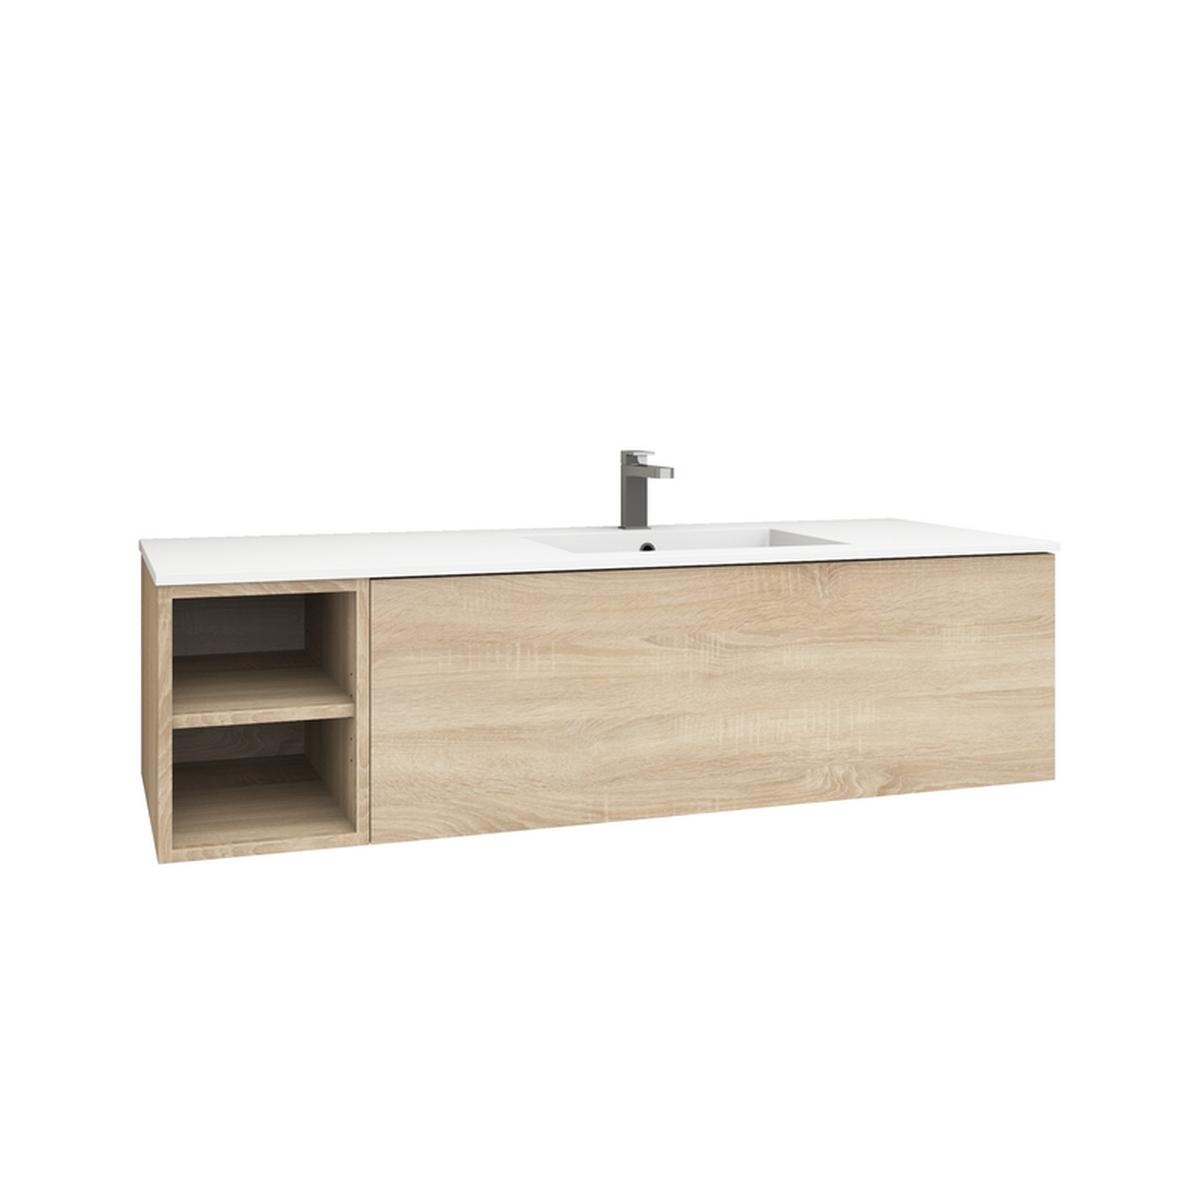 levanto 150r waschtisch set nach ma mit regal auszug. Black Bedroom Furniture Sets. Home Design Ideas